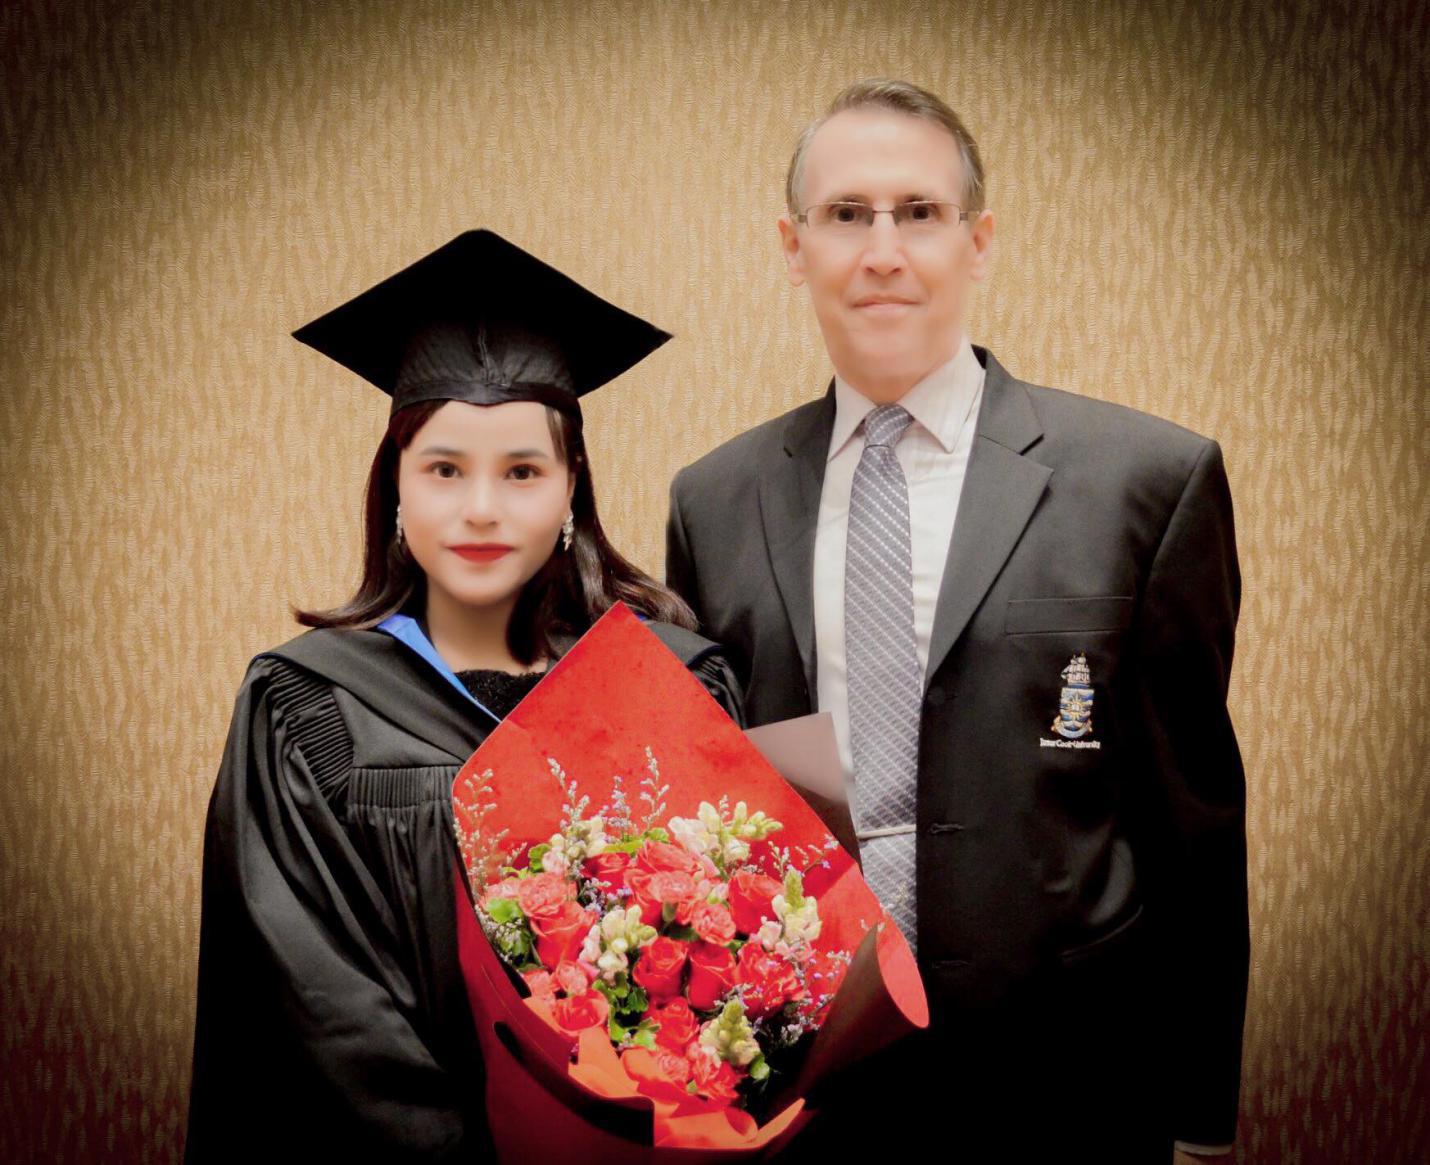 Chân dung cô bạn tài năng vừa học Thạc sĩ tại trường đại học top 2% thế giới vừa kinh doanh từ xa - Ảnh 2.